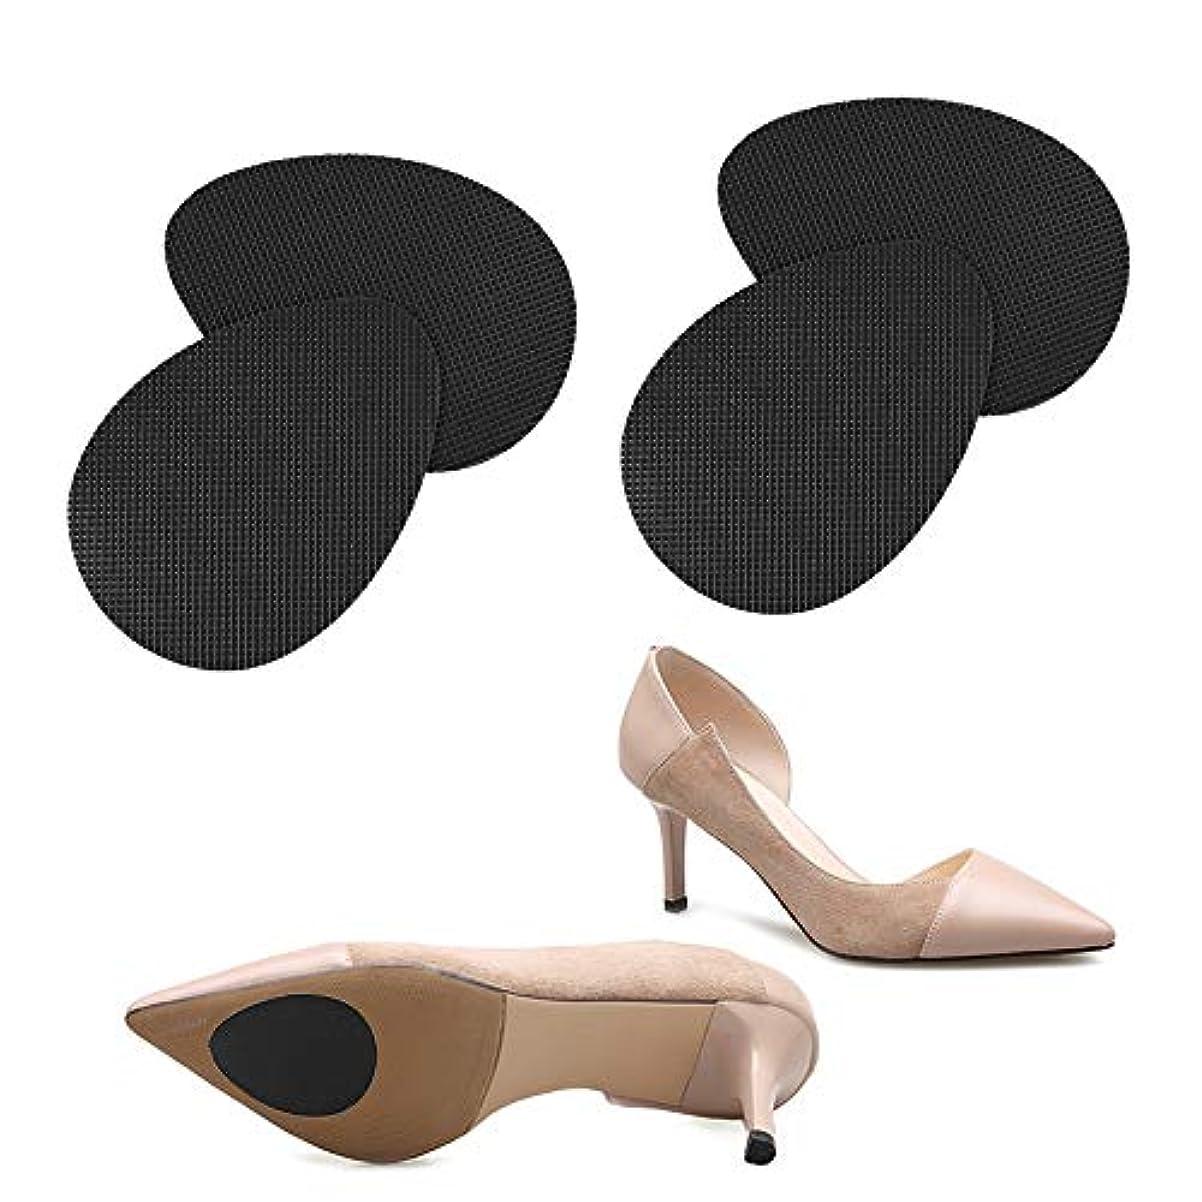 避けられない聴覚障害者謝る靴 滑り止め ステッカー,LINECY 【スリップガード】靴保護 シート つま先&かかと 靴底補修 滑り止め (2足4枚いり)